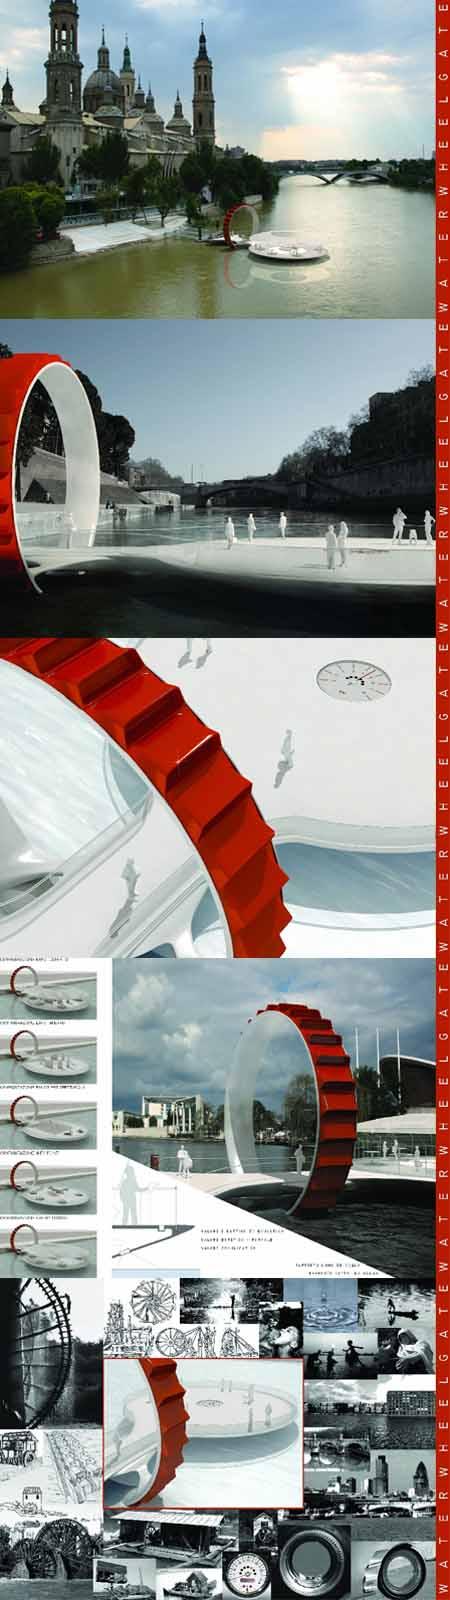 Waterwheelgate, progetto vincitore Mini Design Award 2008